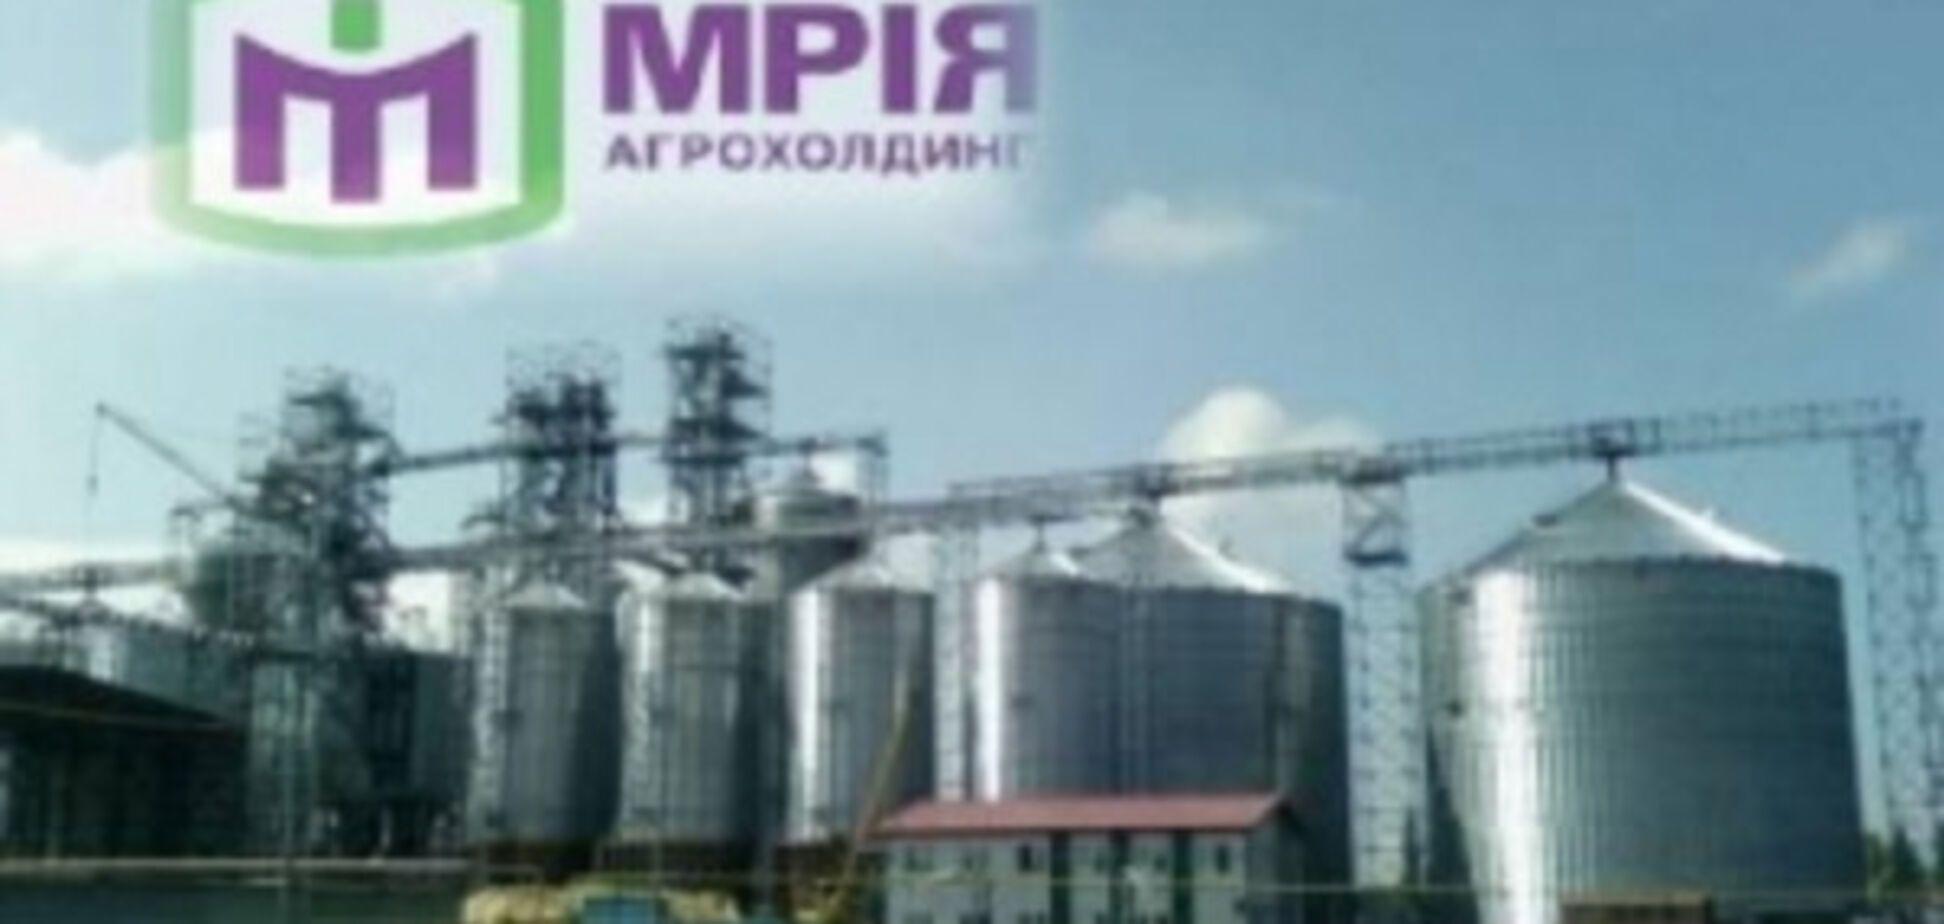 Агрохолдинг 'Мрия' прокомментировал ситуацию вокруг своих земельных активов